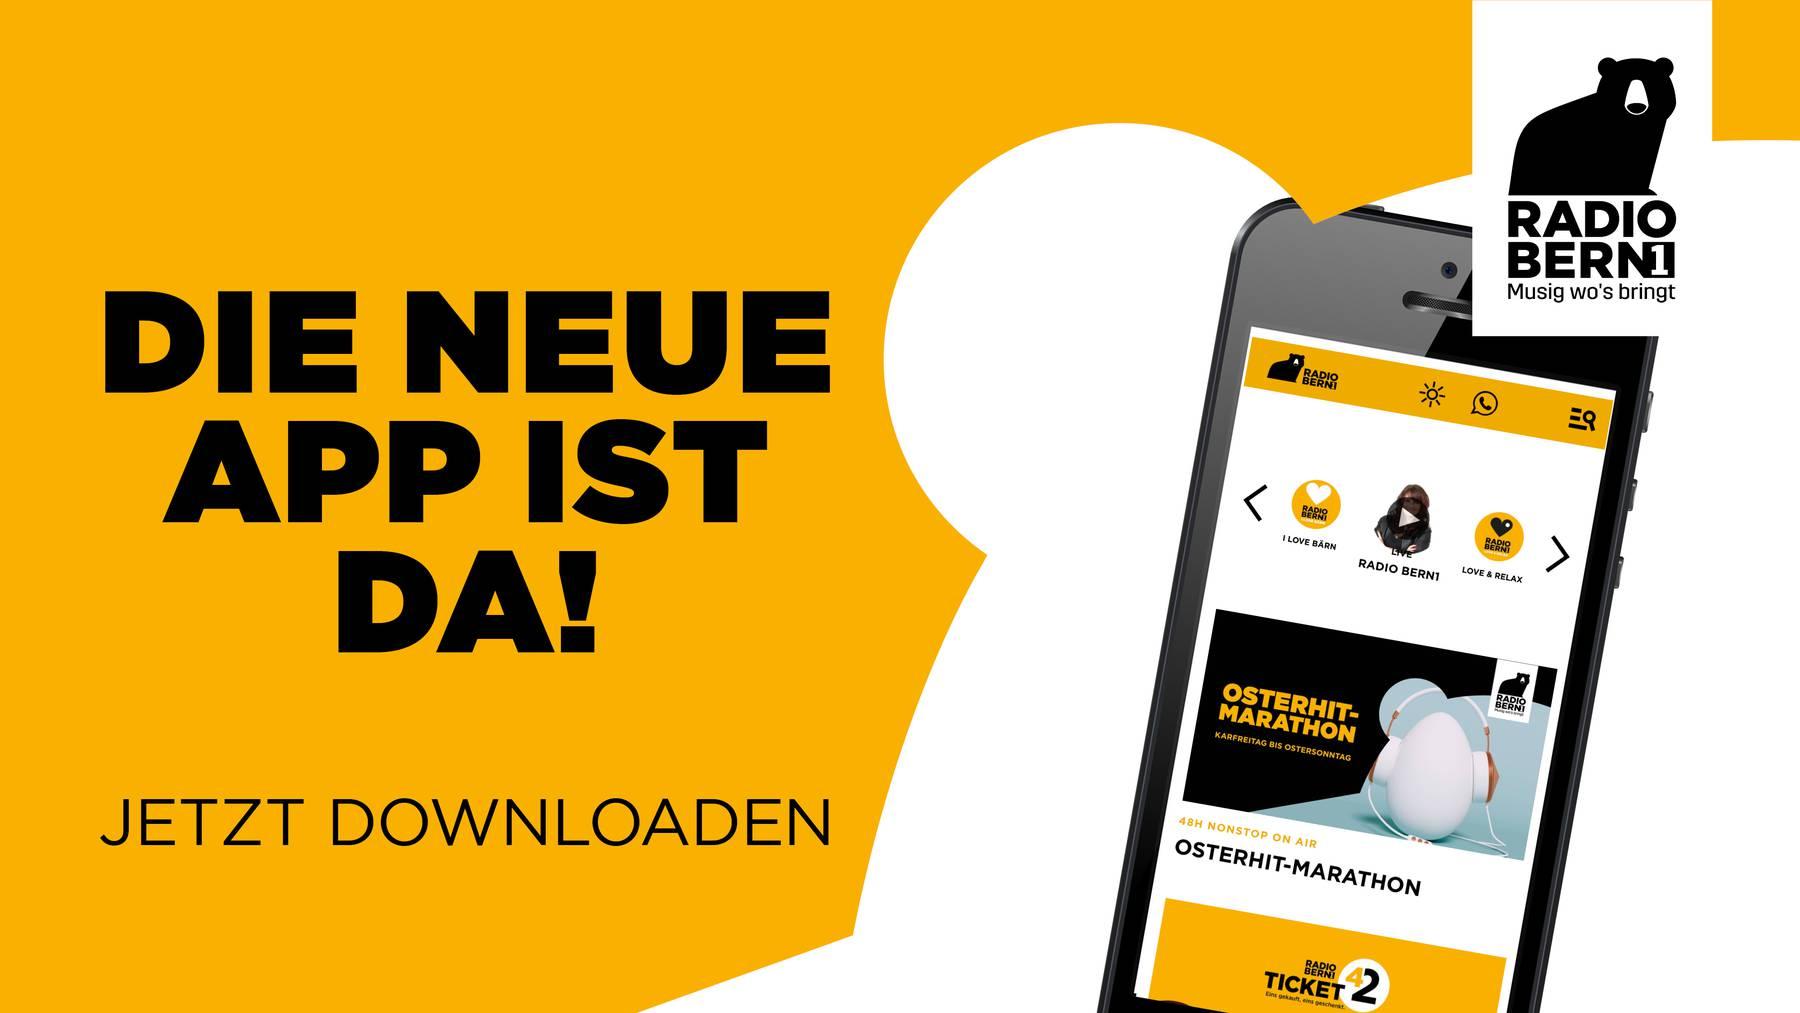 RADIO BERN1 App foto2